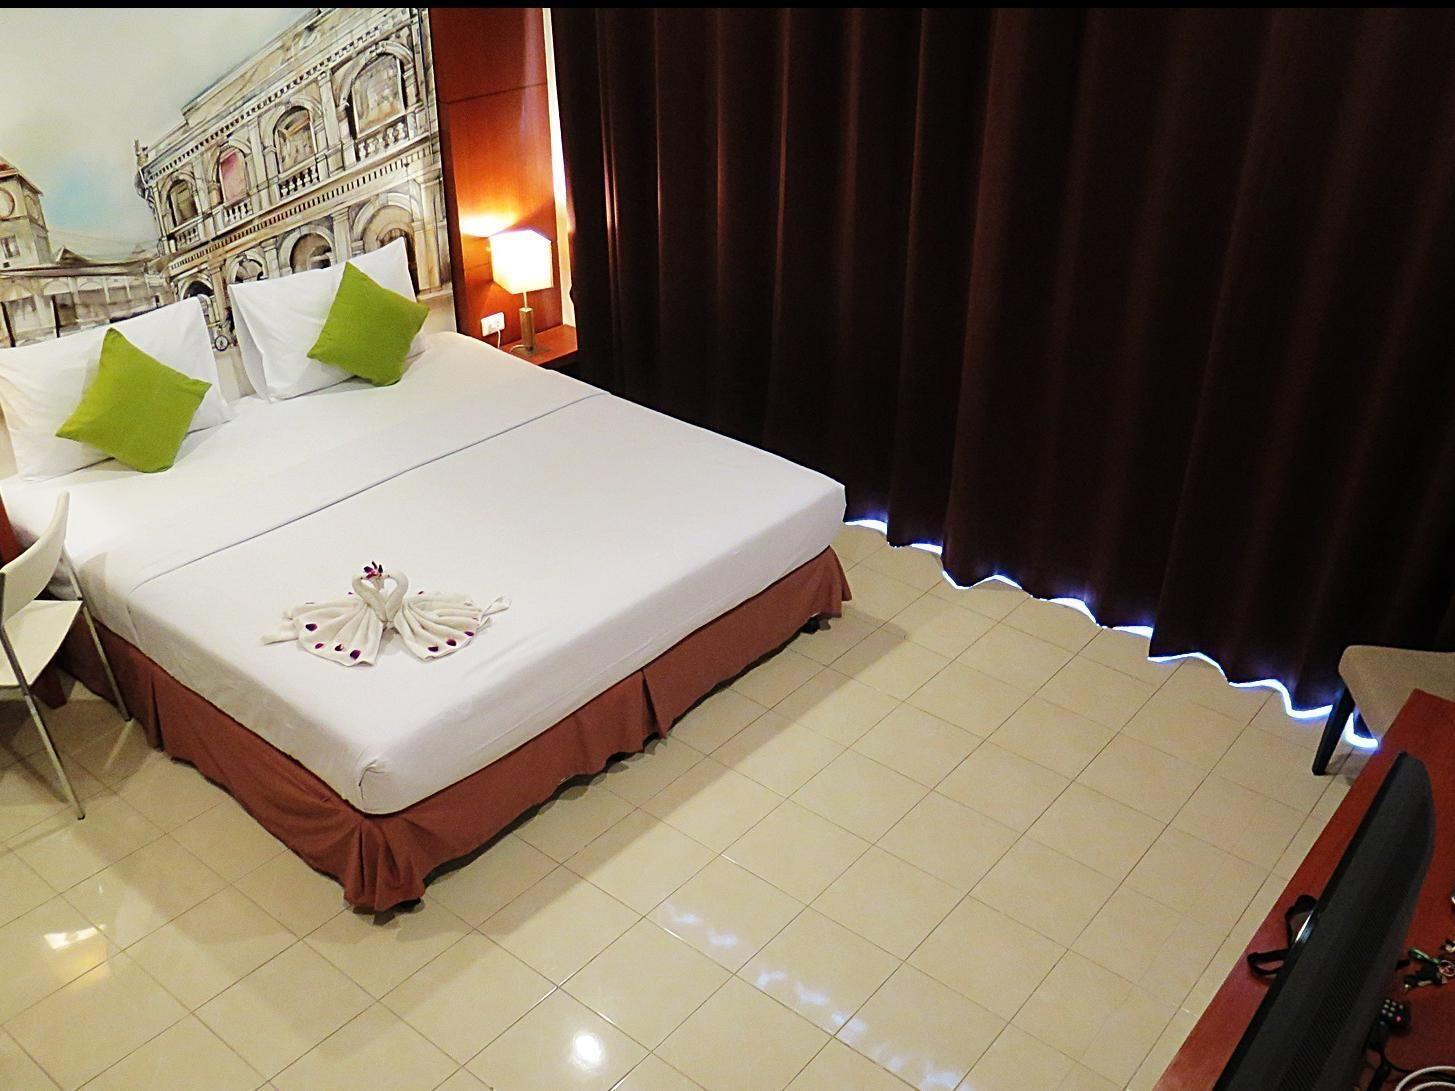 Maithai Hostel Phuket, Thailand